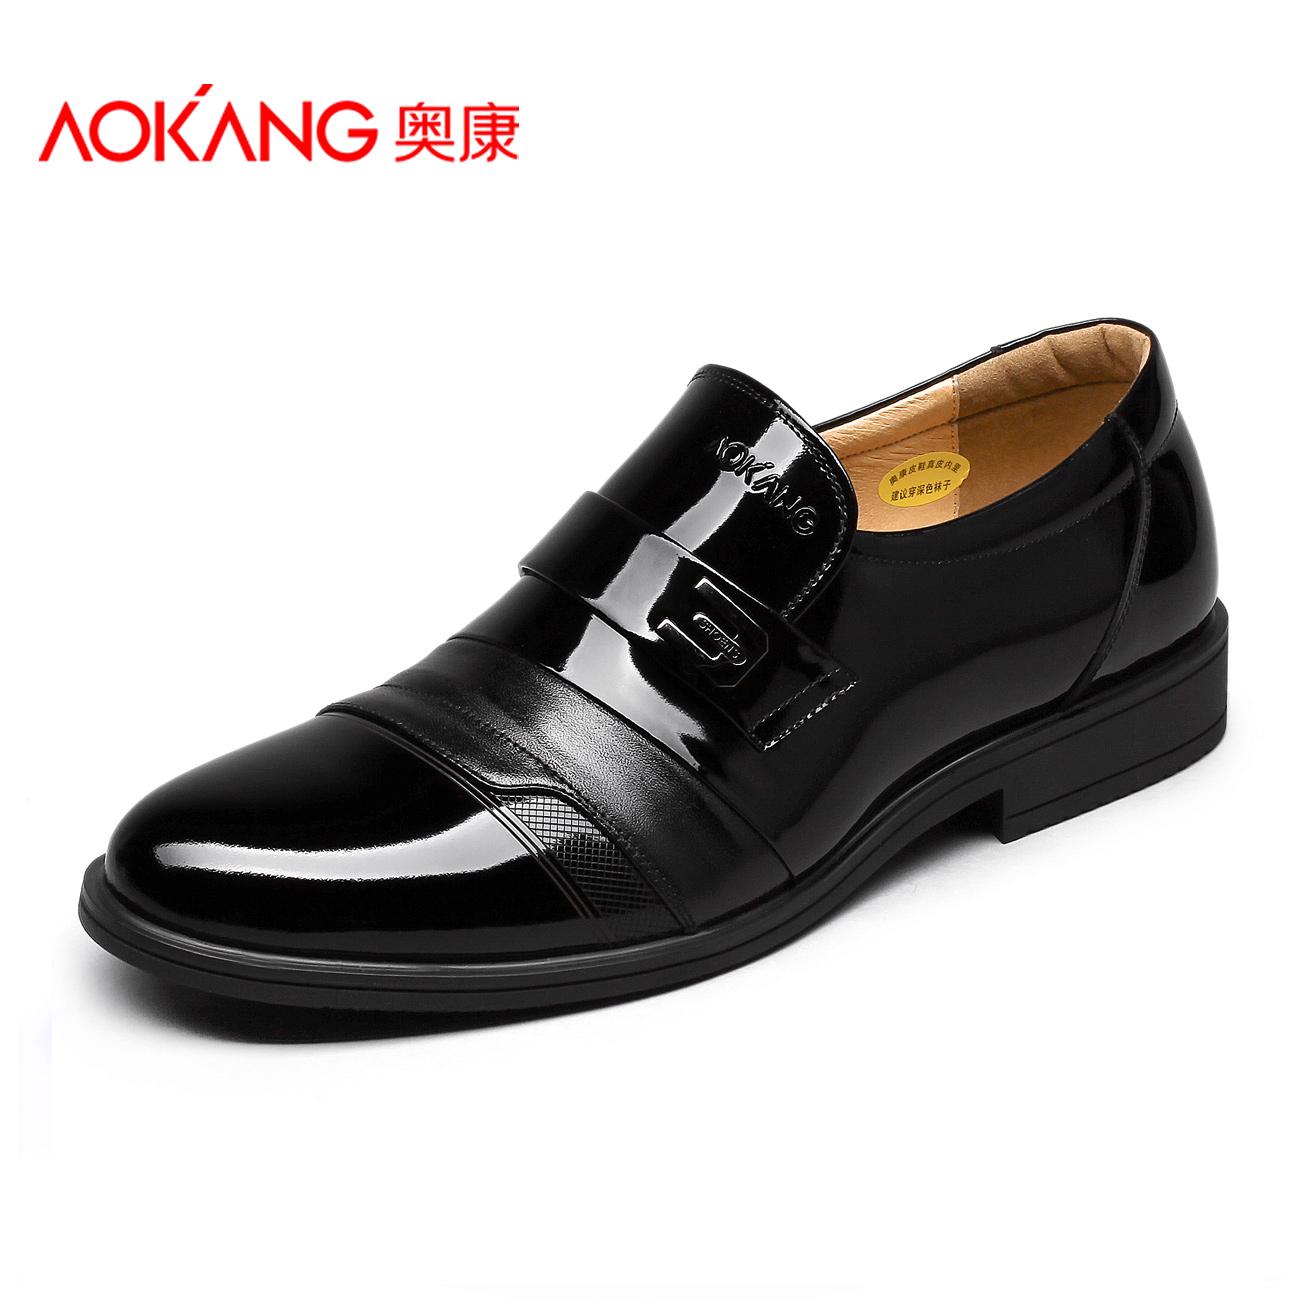 奥康 男鞋 英伦时尚漆皮鞋 男士商务正装鞋套脚潮流行男鞋子 正品